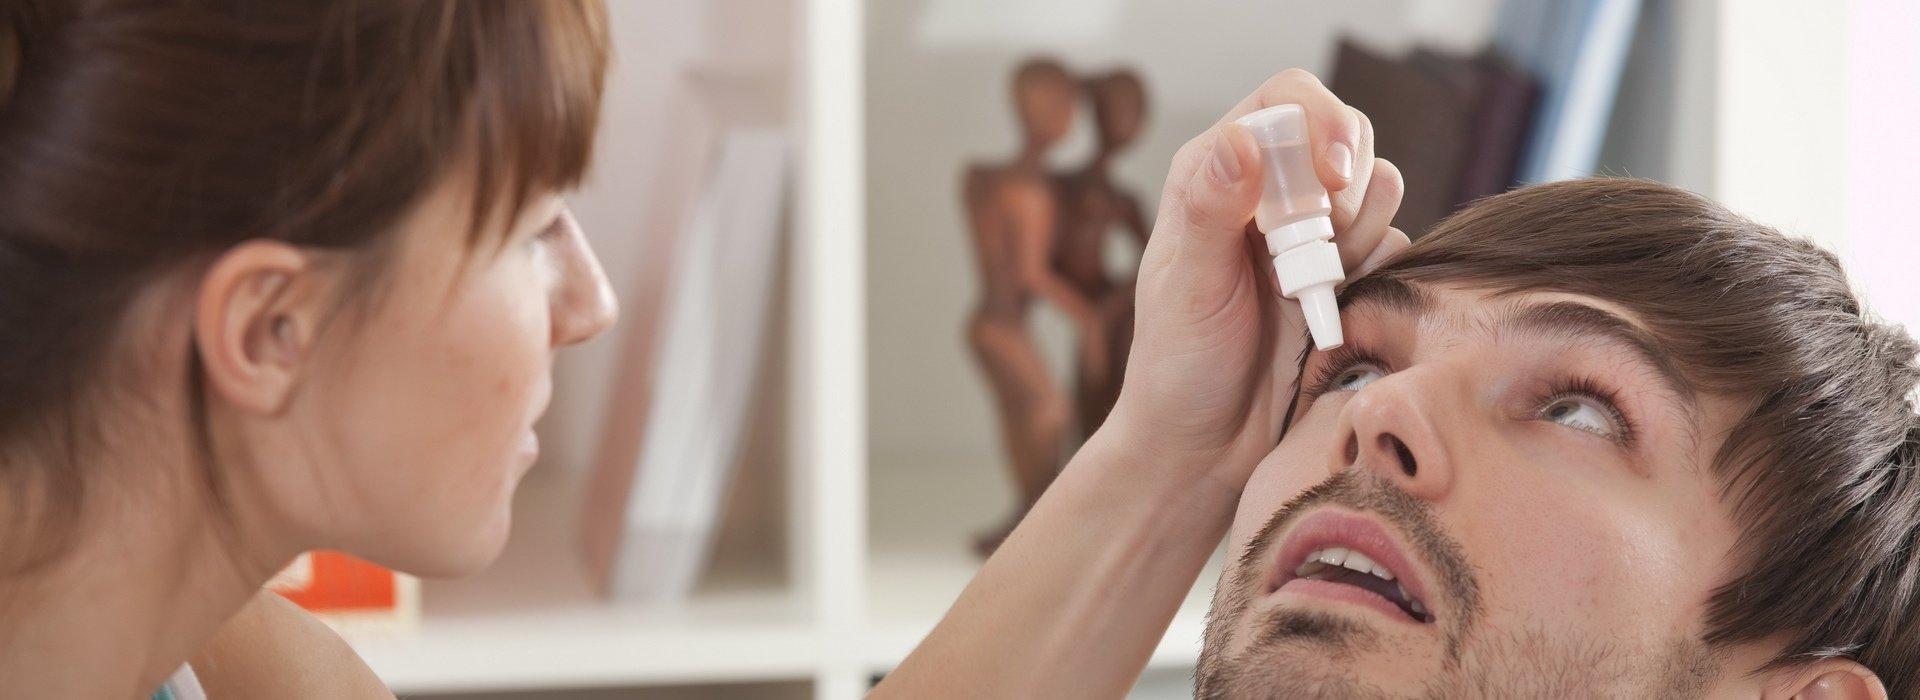 Hornhaut-Behandlungen